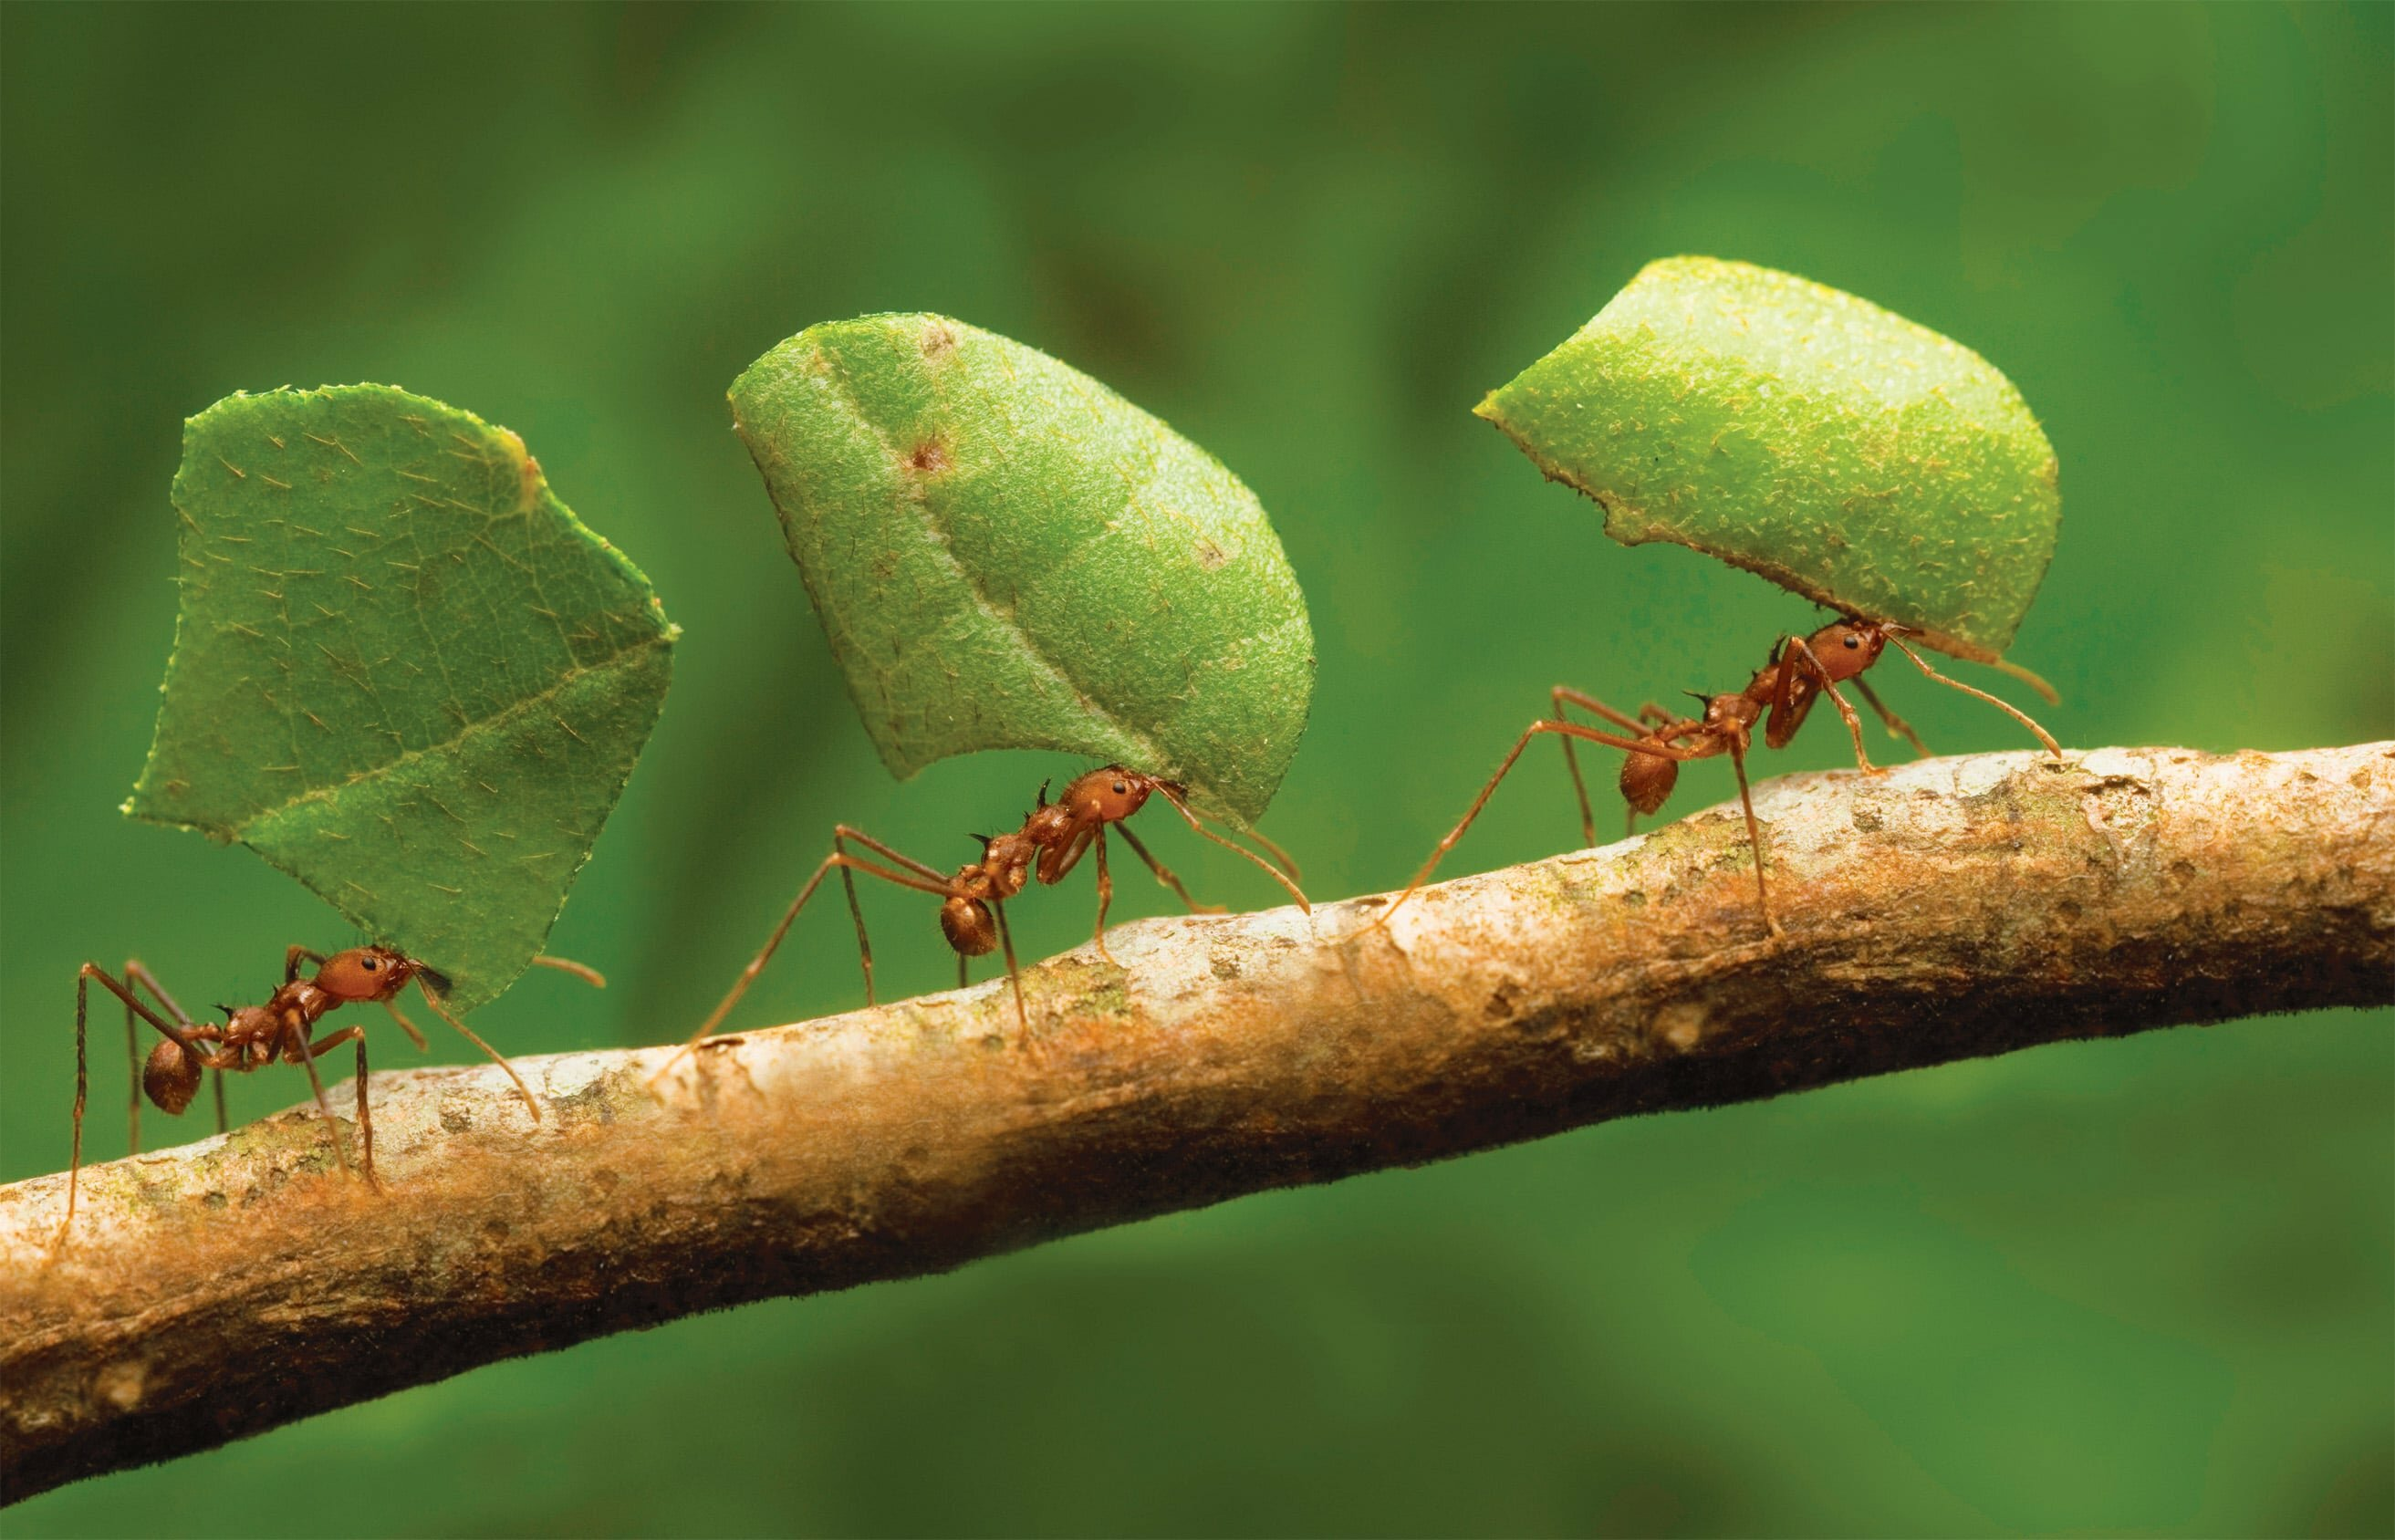 Как избавиться от муравьев в теплице навсегда - средства и препараты